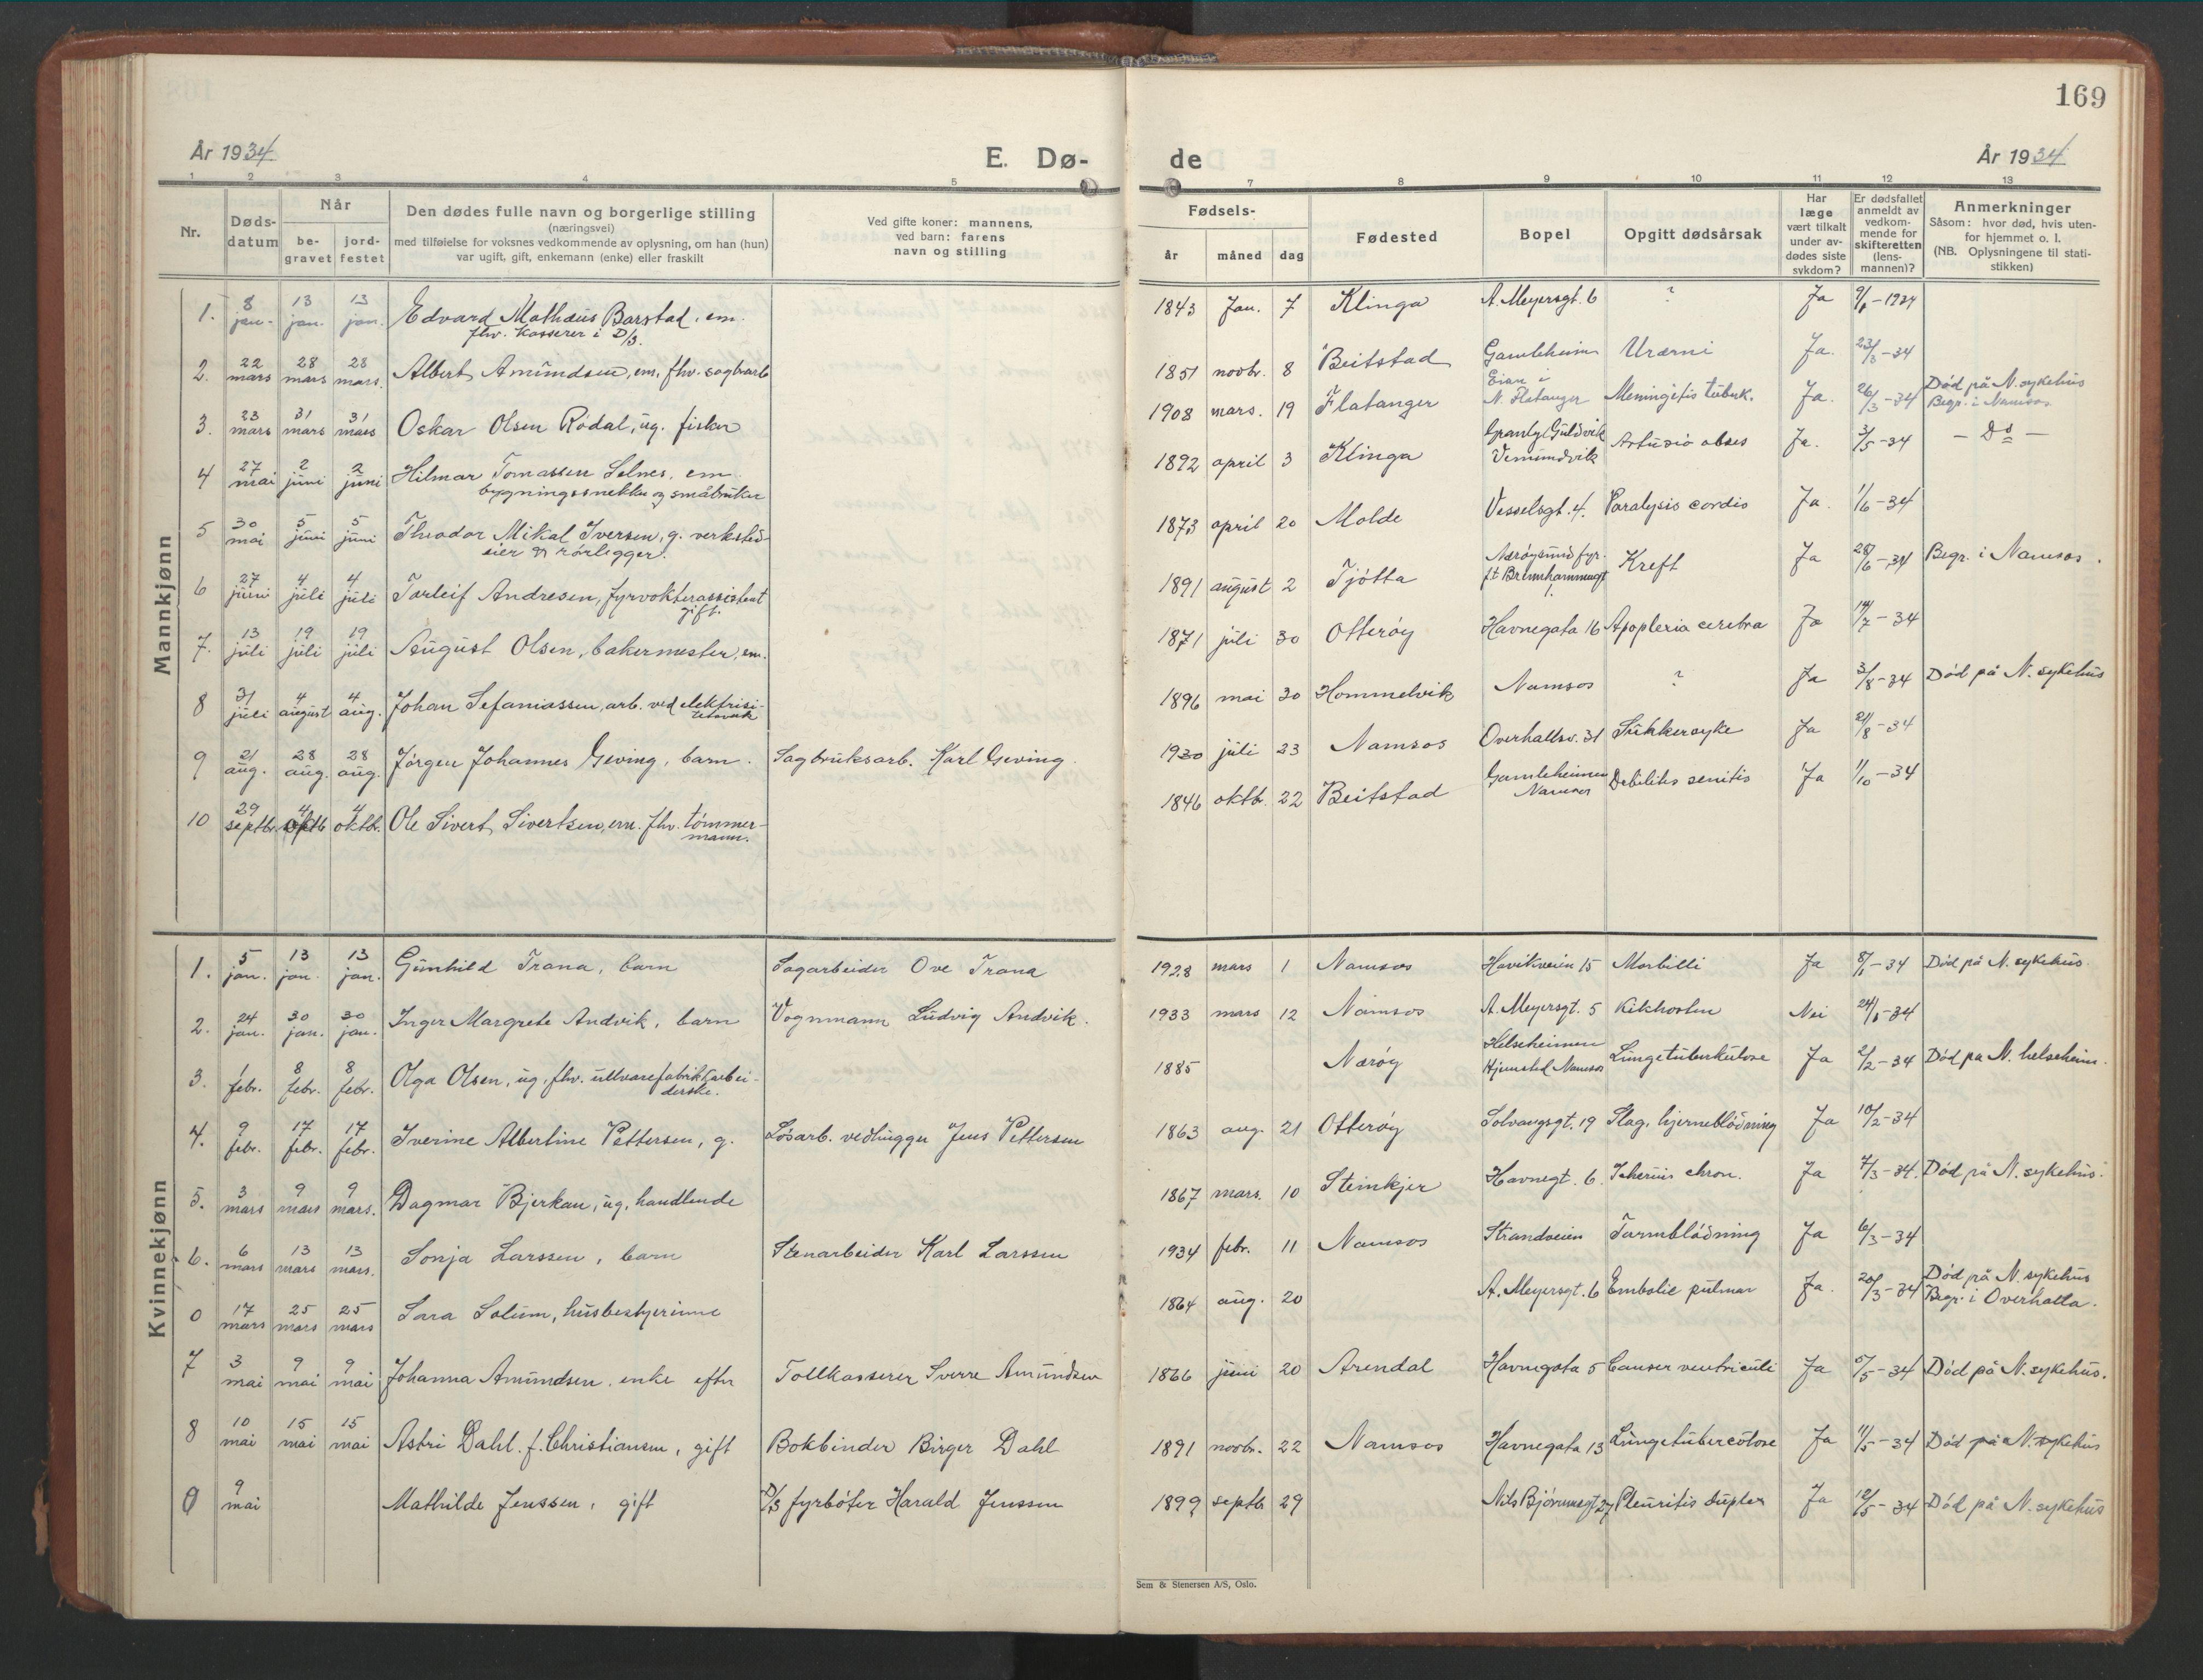 SAT, Ministerialprotokoller, klokkerbøker og fødselsregistre - Nord-Trøndelag, 768/L0583: Klokkerbok nr. 768C01, 1928-1953, s. 169